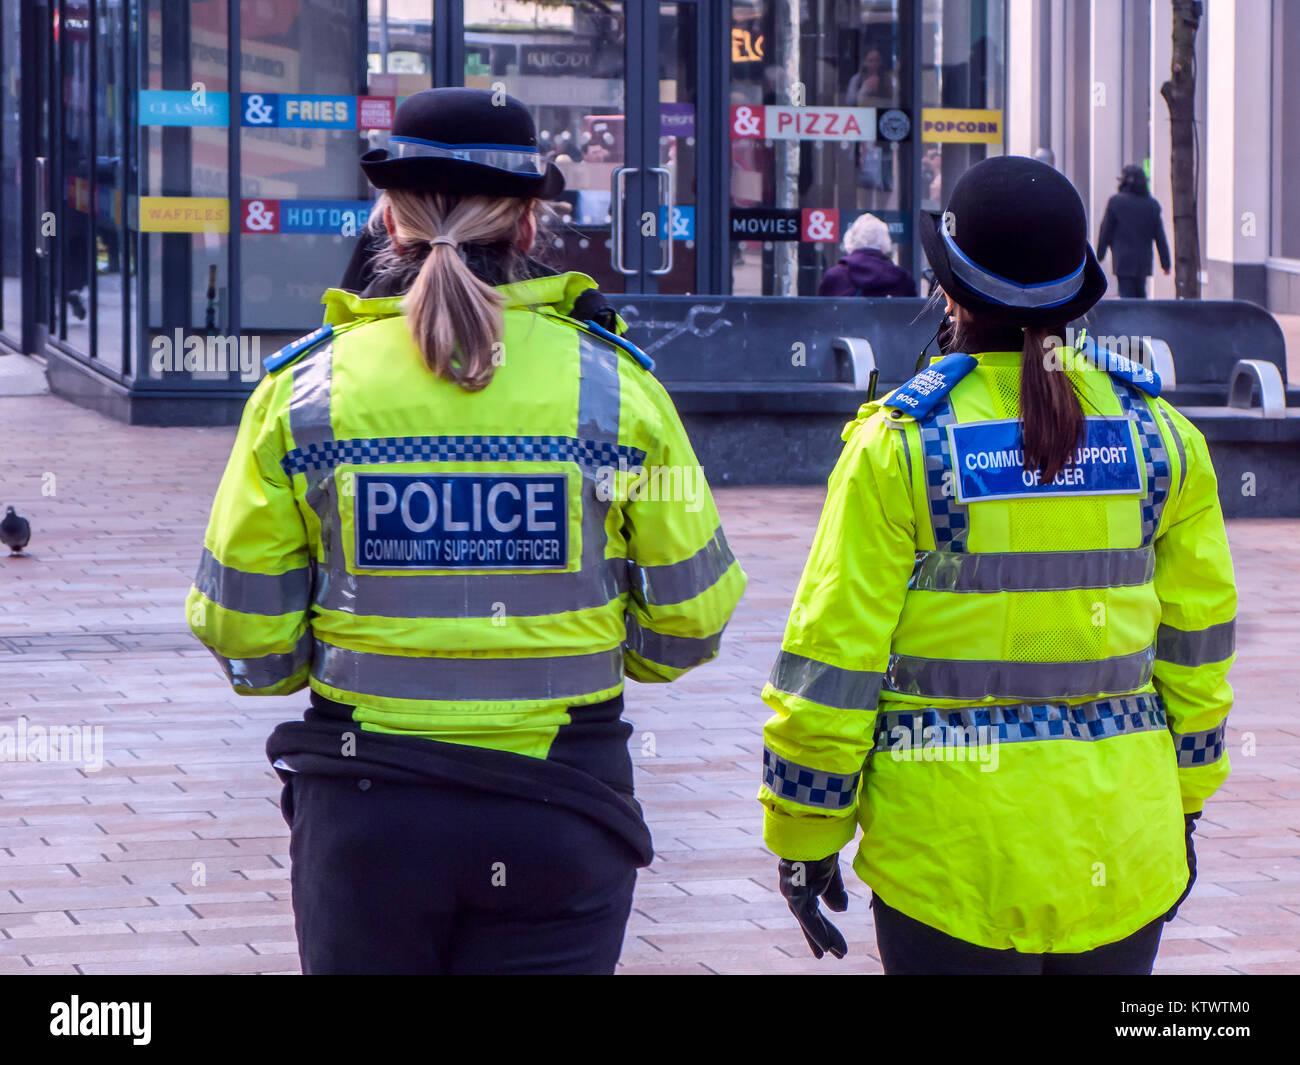 Les agents de police féminins Soutien communautaire patrouille dans le centre-ville de Sheffield Photo Stock